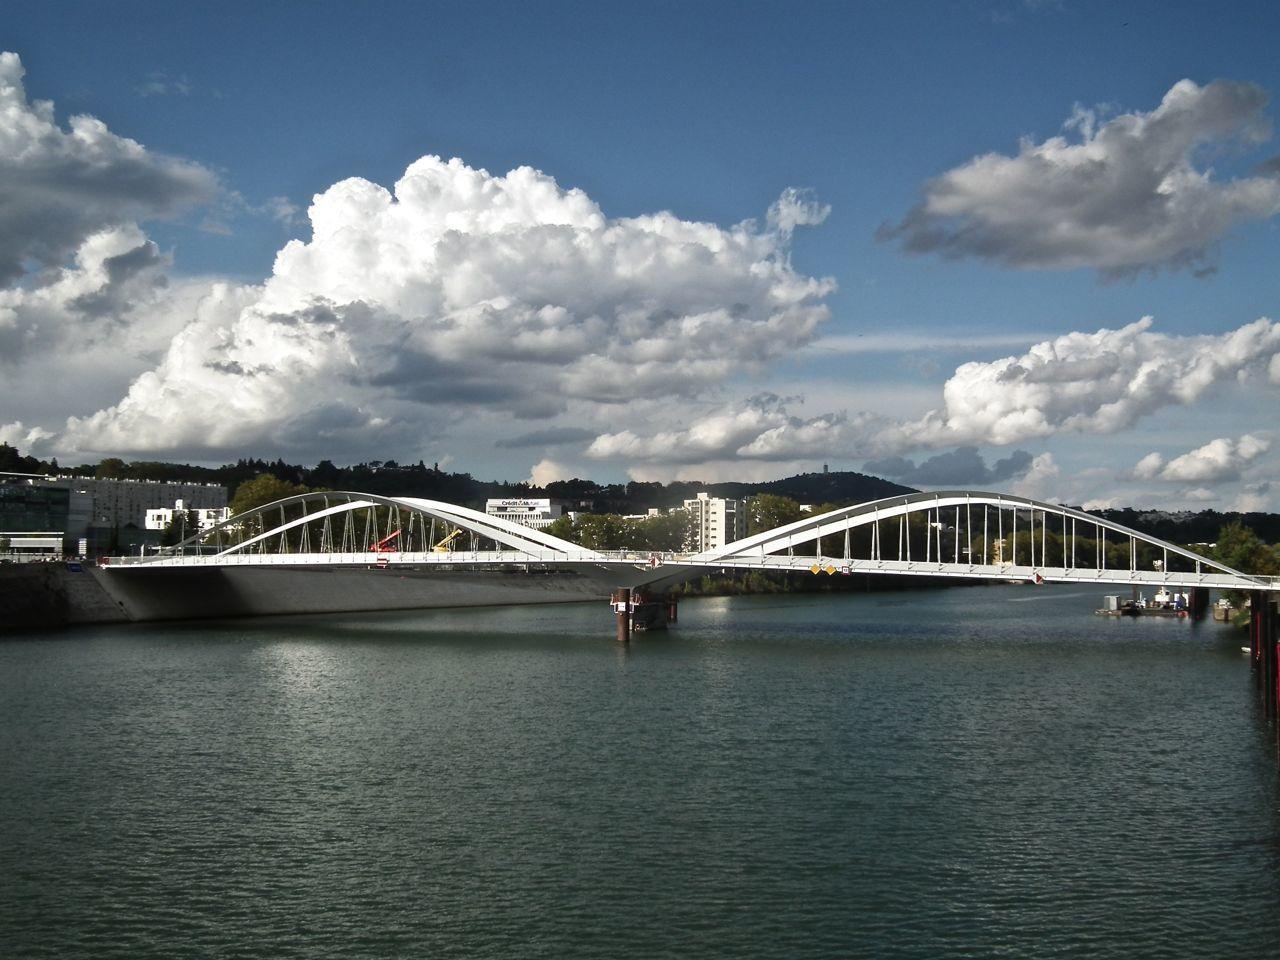 Pont Schuman en amont de la passerelle Massaryk, sera mis en service le mois prochain, prévu pour le printemps dernier, repoussé à l'été! on peut aussi apercevoir les travaux d'aménagement des berges de la Saône. Jeux de lignes entre les deux ouvrages.